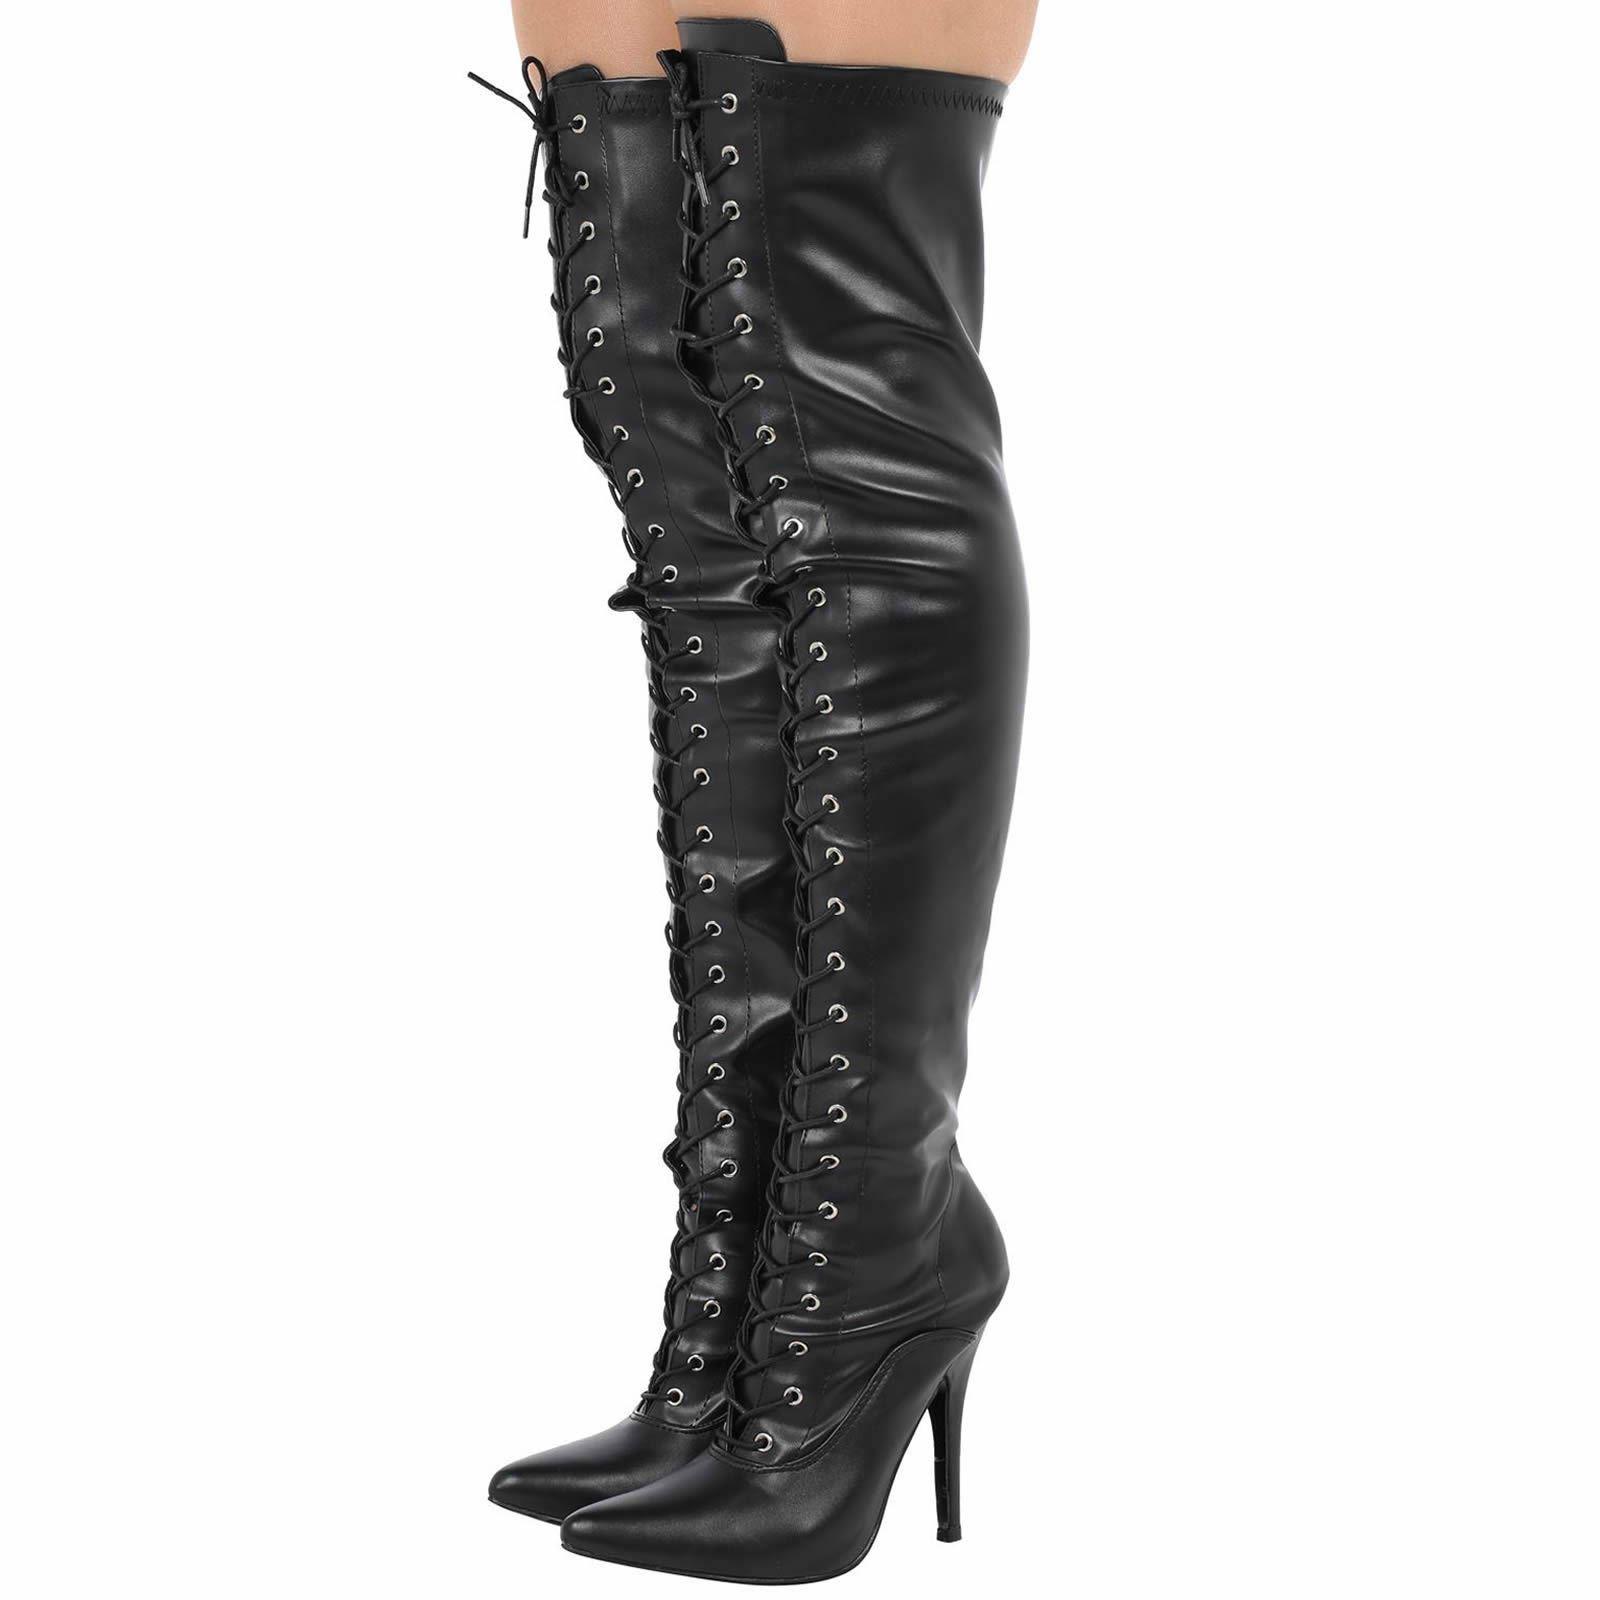 Fetish boots for men